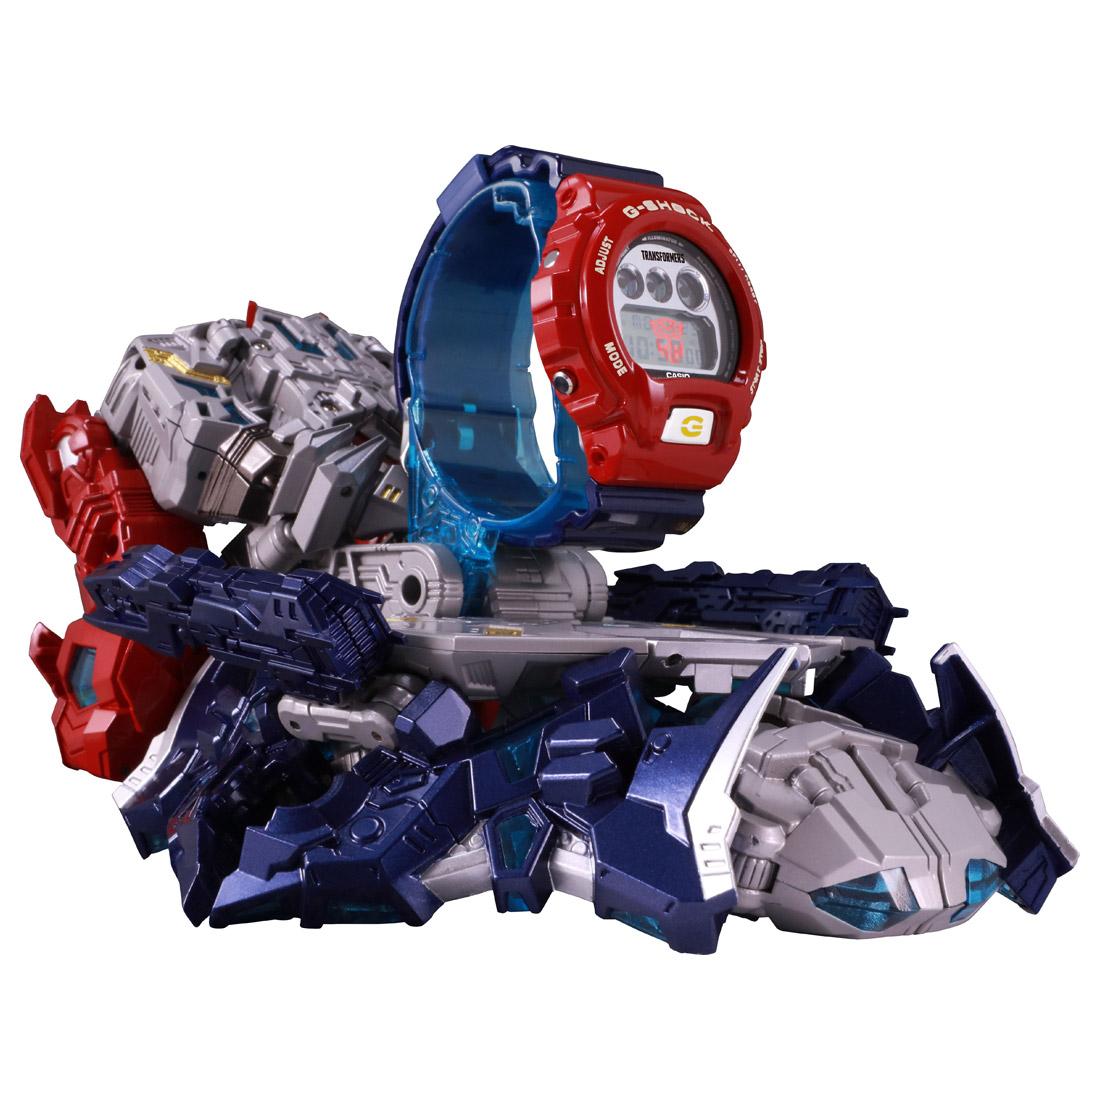 【抽選販売】トランスフォーマー 『G-SHOCK × TRANSFORMERS マスターオプティマスプライム レゾナントモード(G-SHOCKセット)』可変可動フィギュア-002